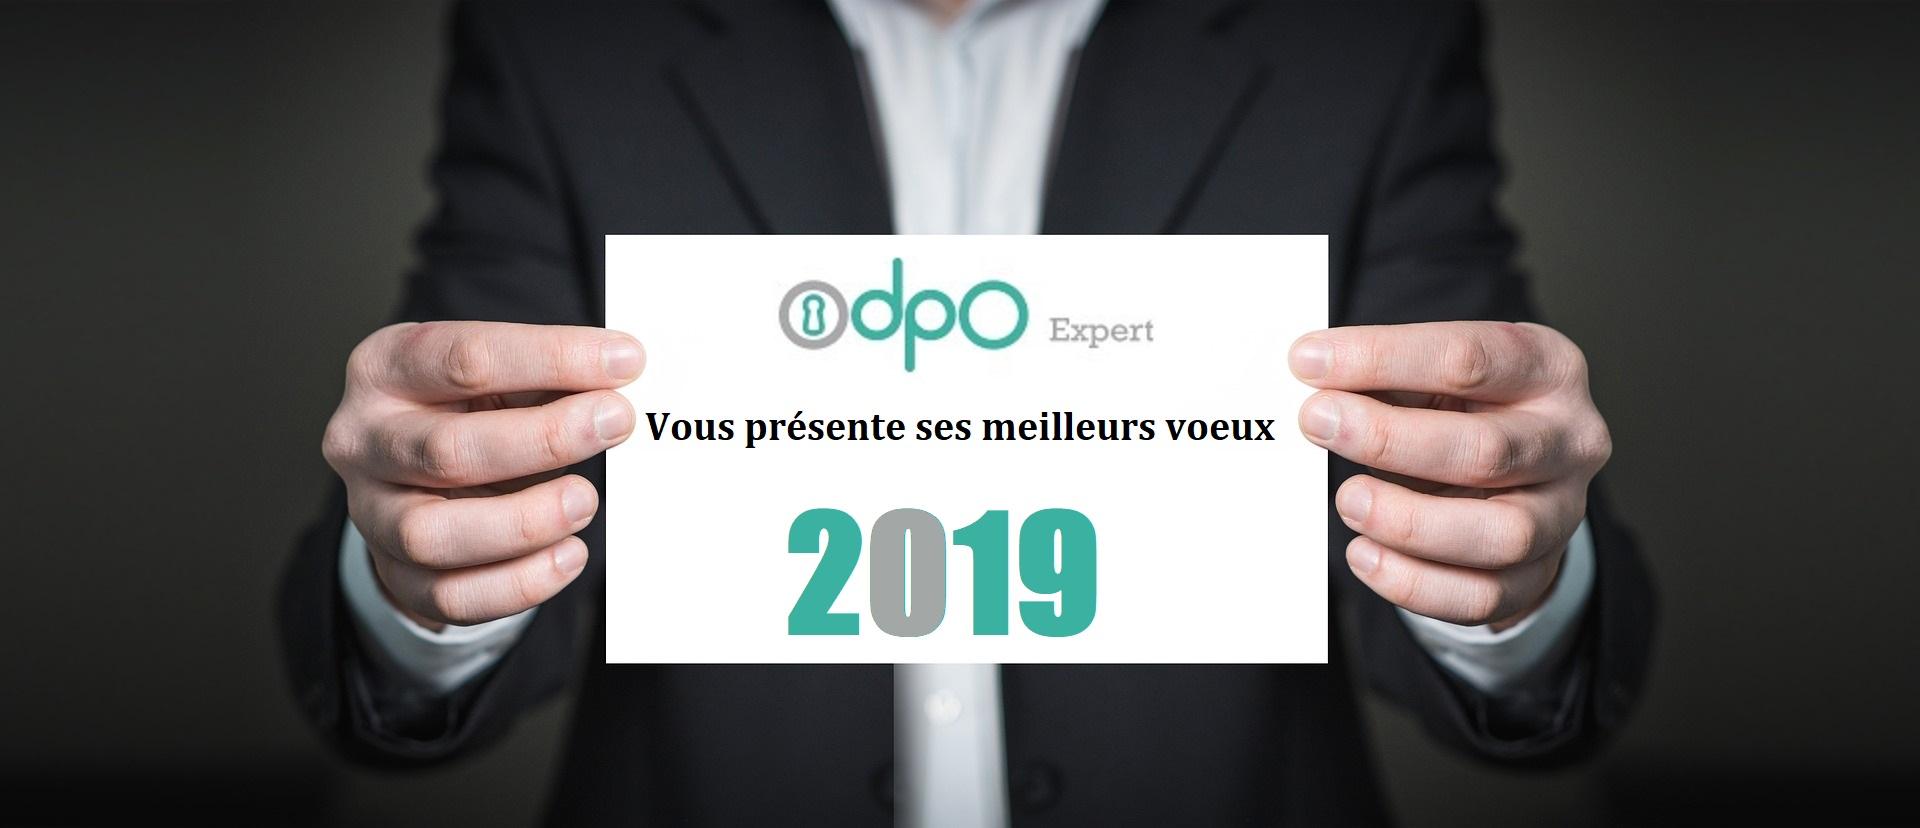 Odpo Voeux 2019